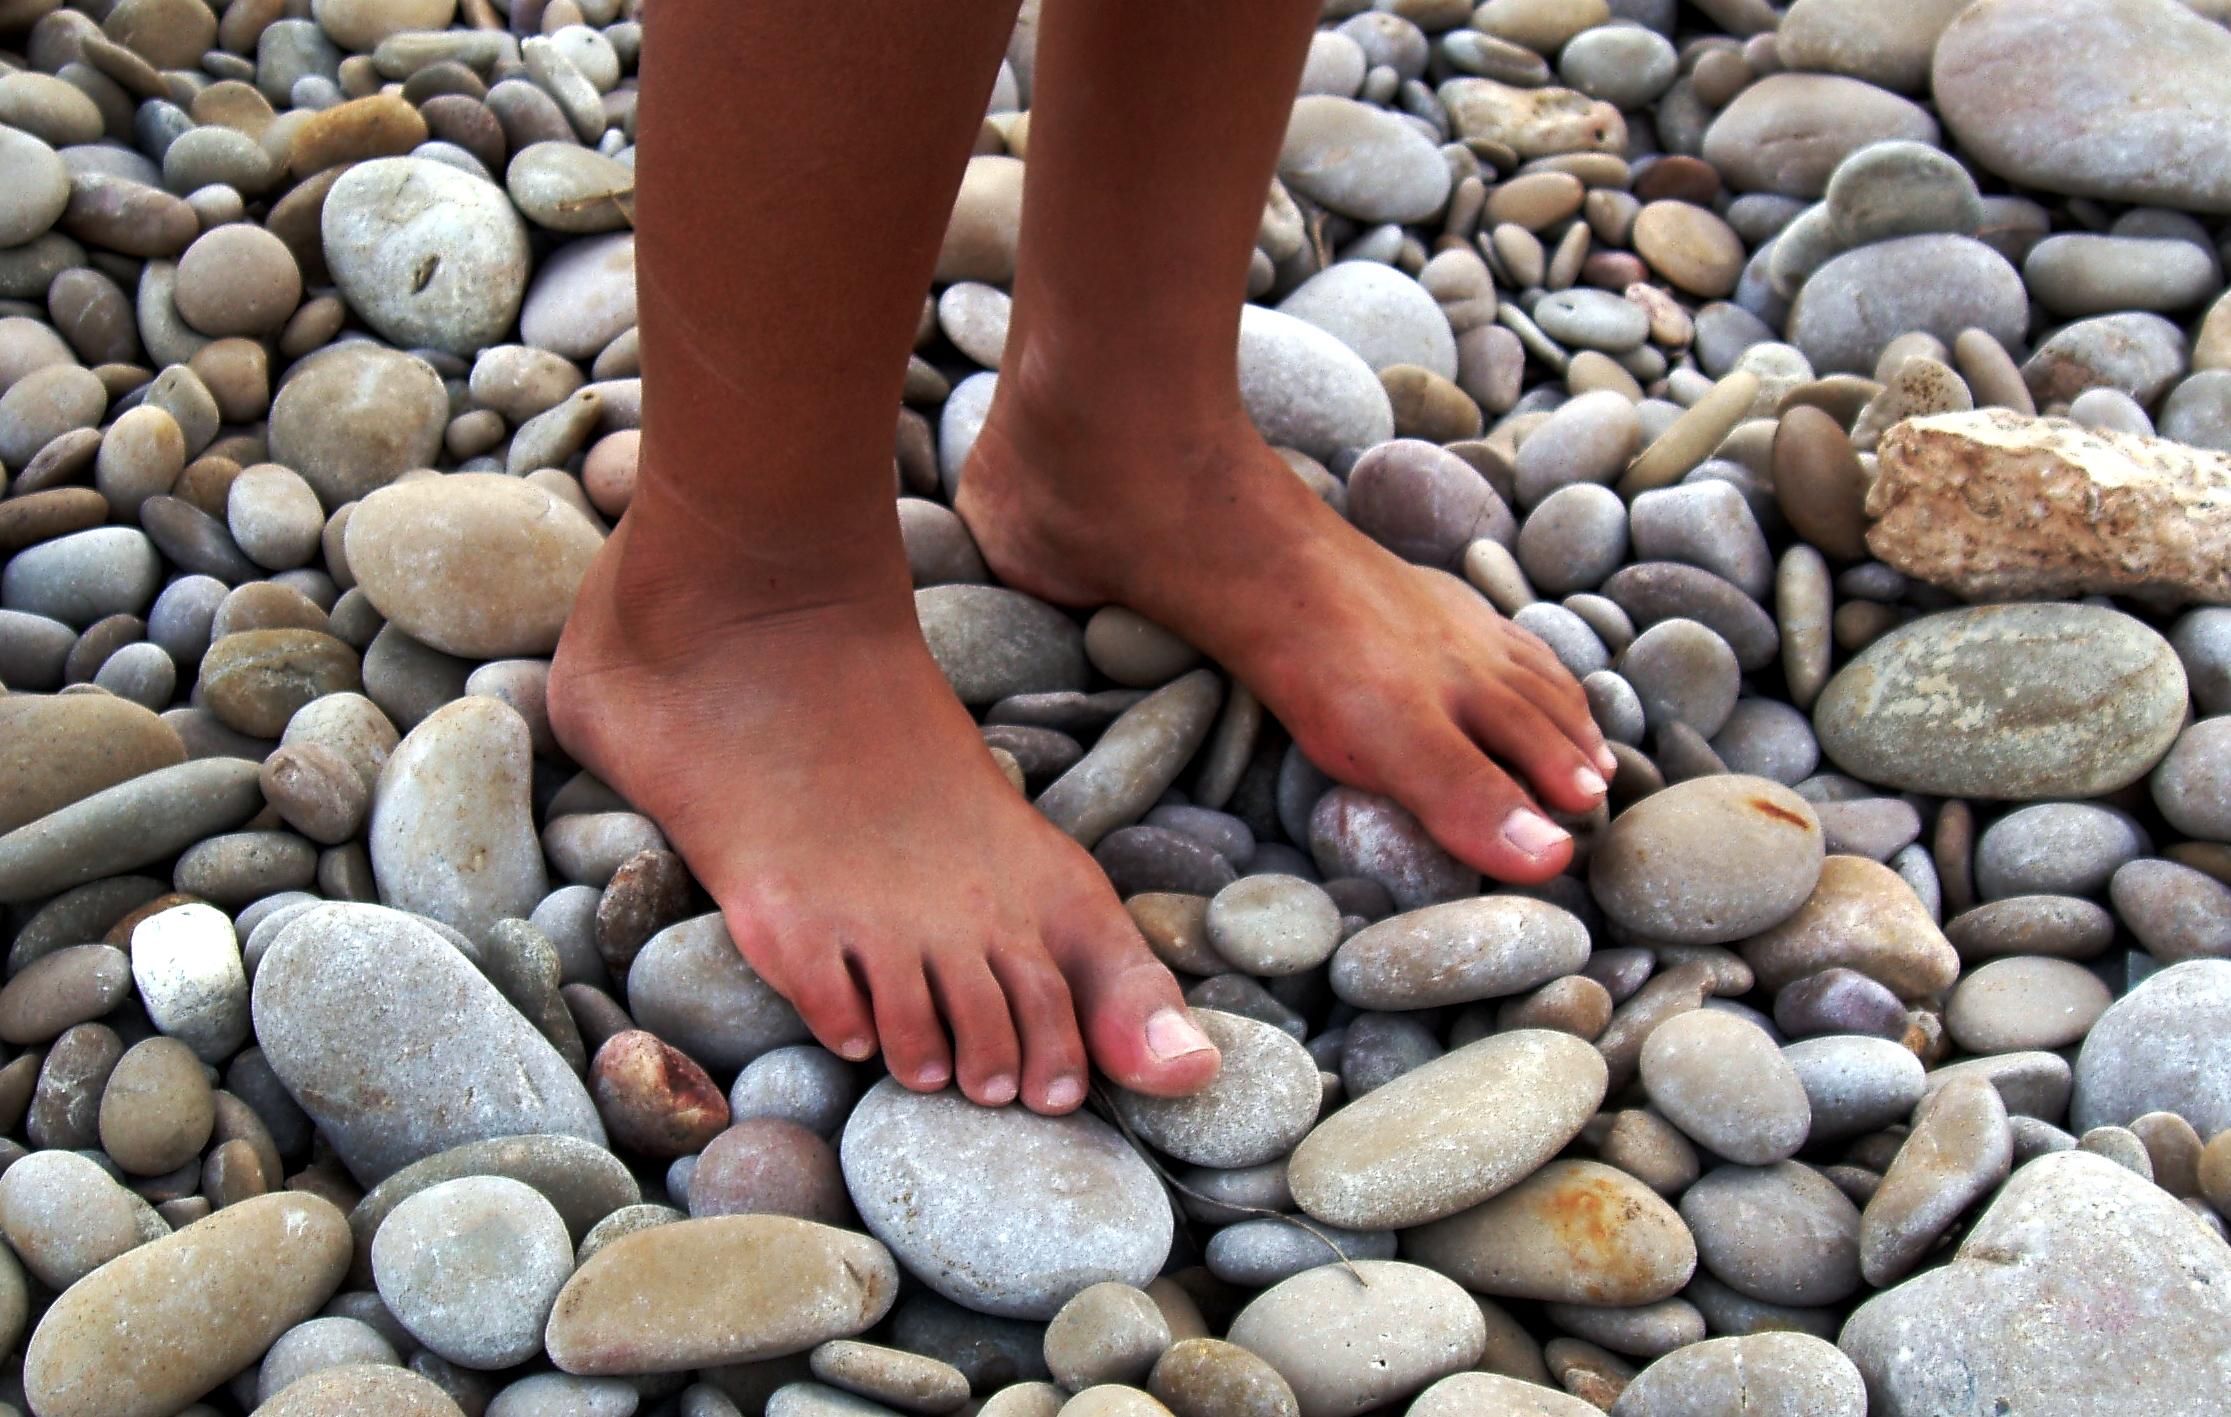 мамой картинки камни нога модно создавать